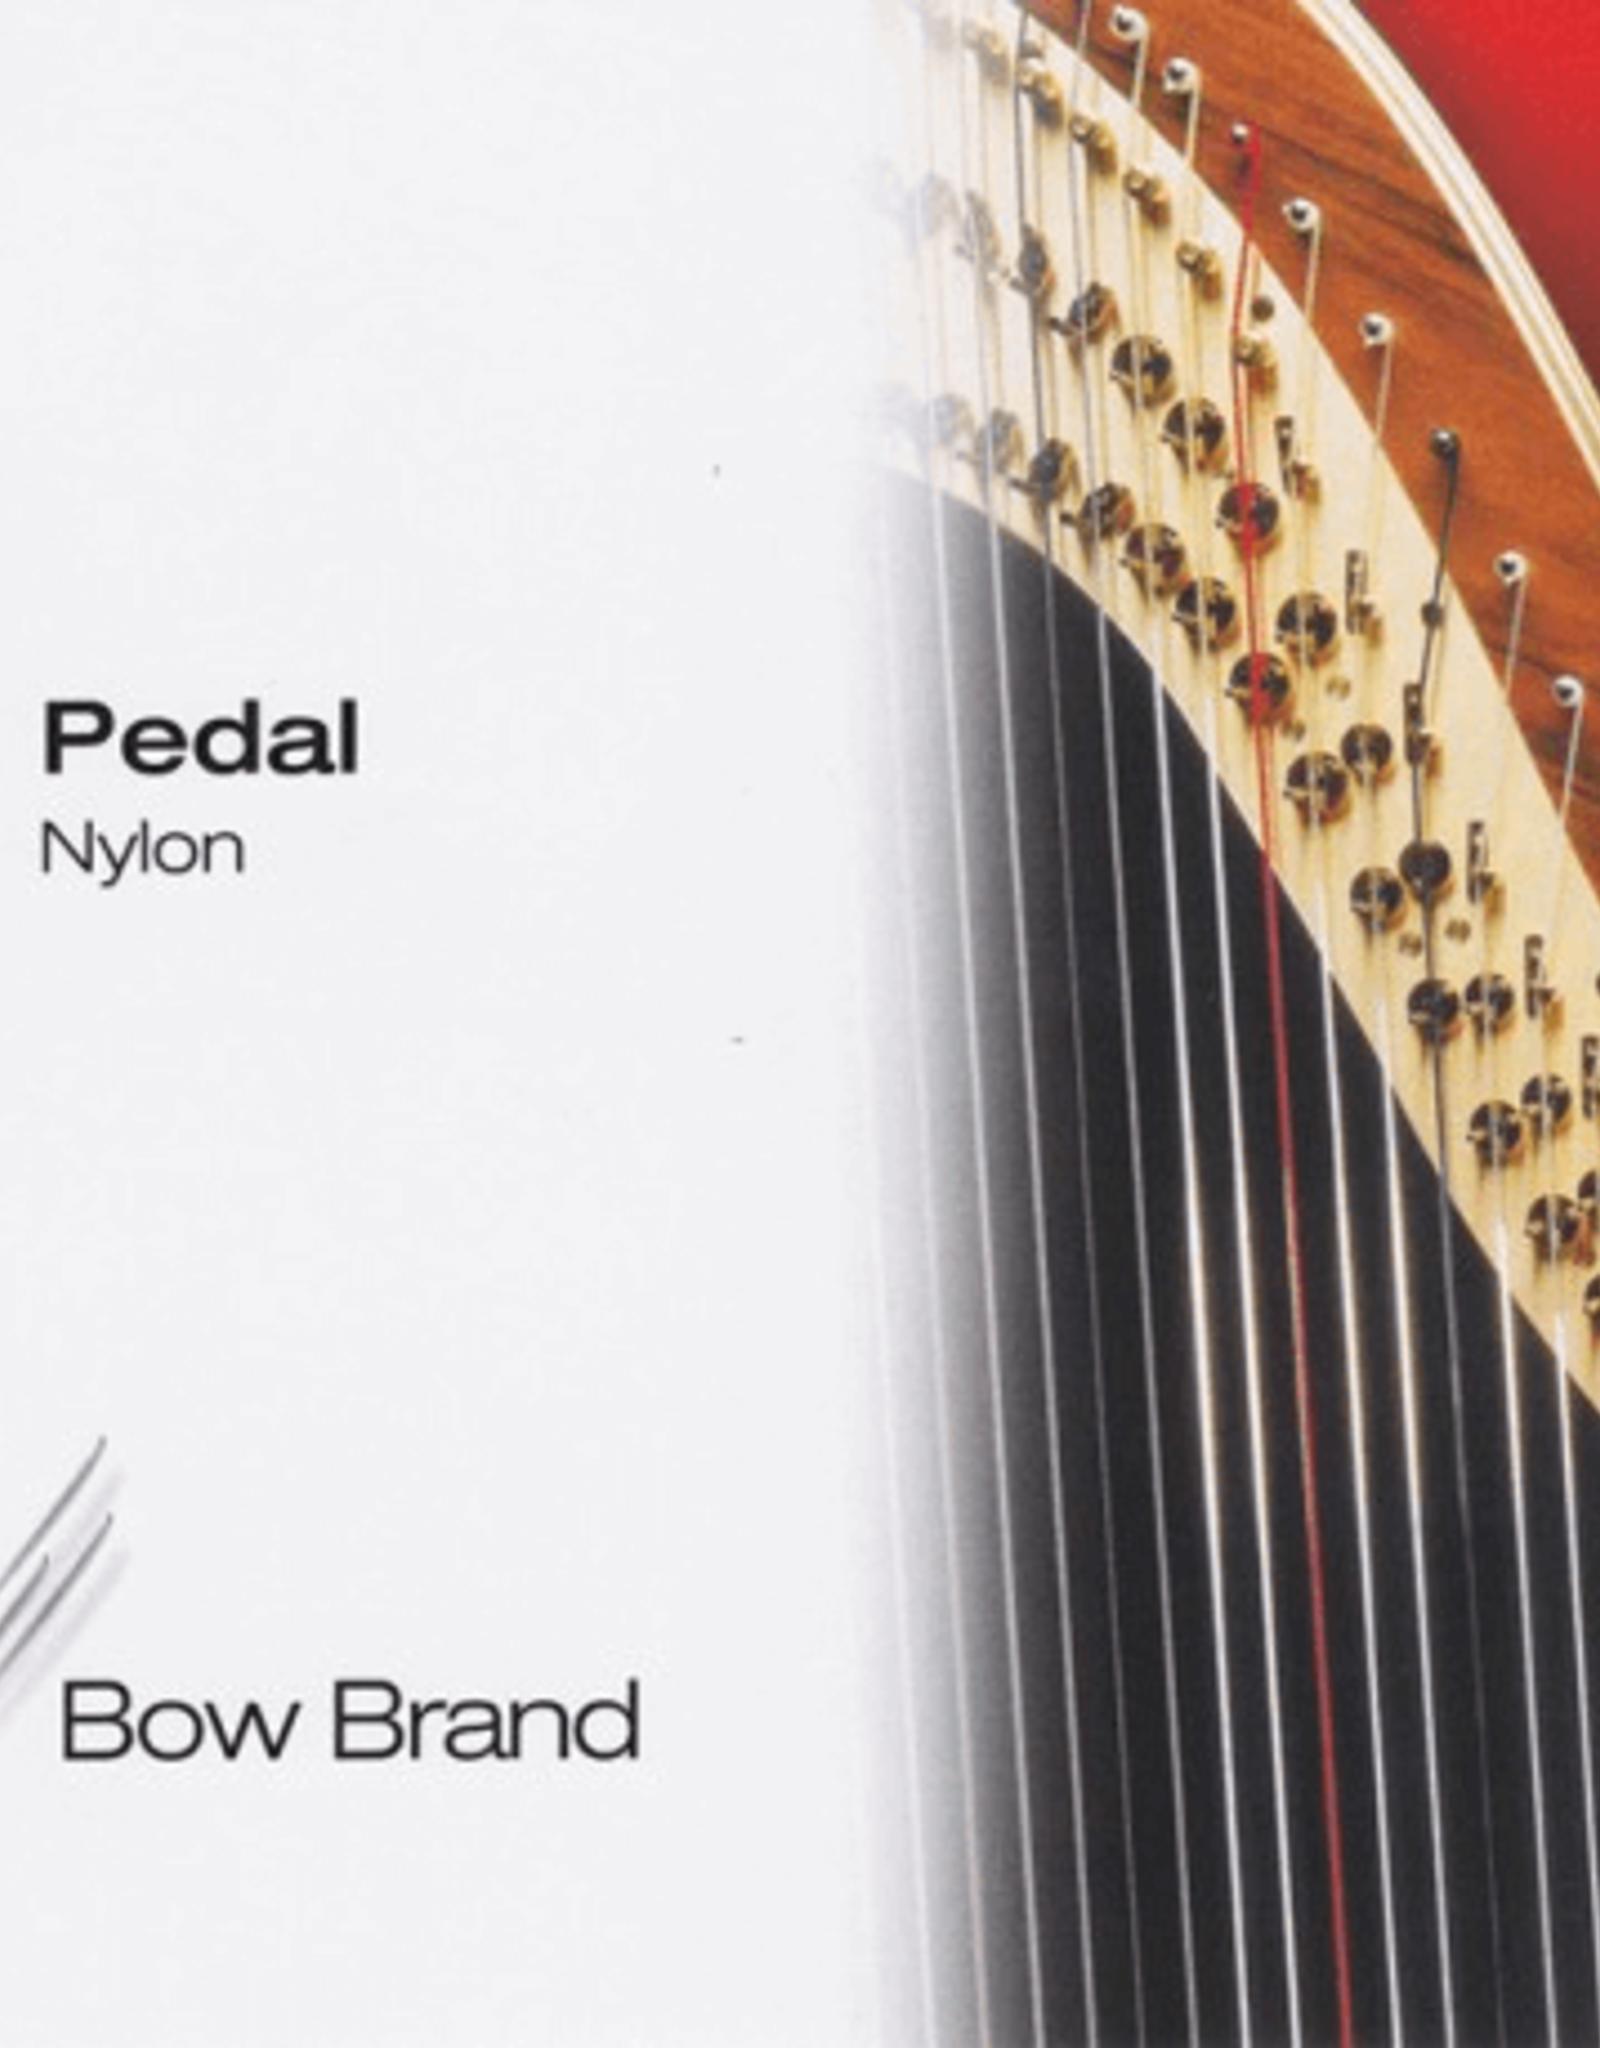 BOW BRAND  pedaal nylon - pedal NYLON 20/3 sol